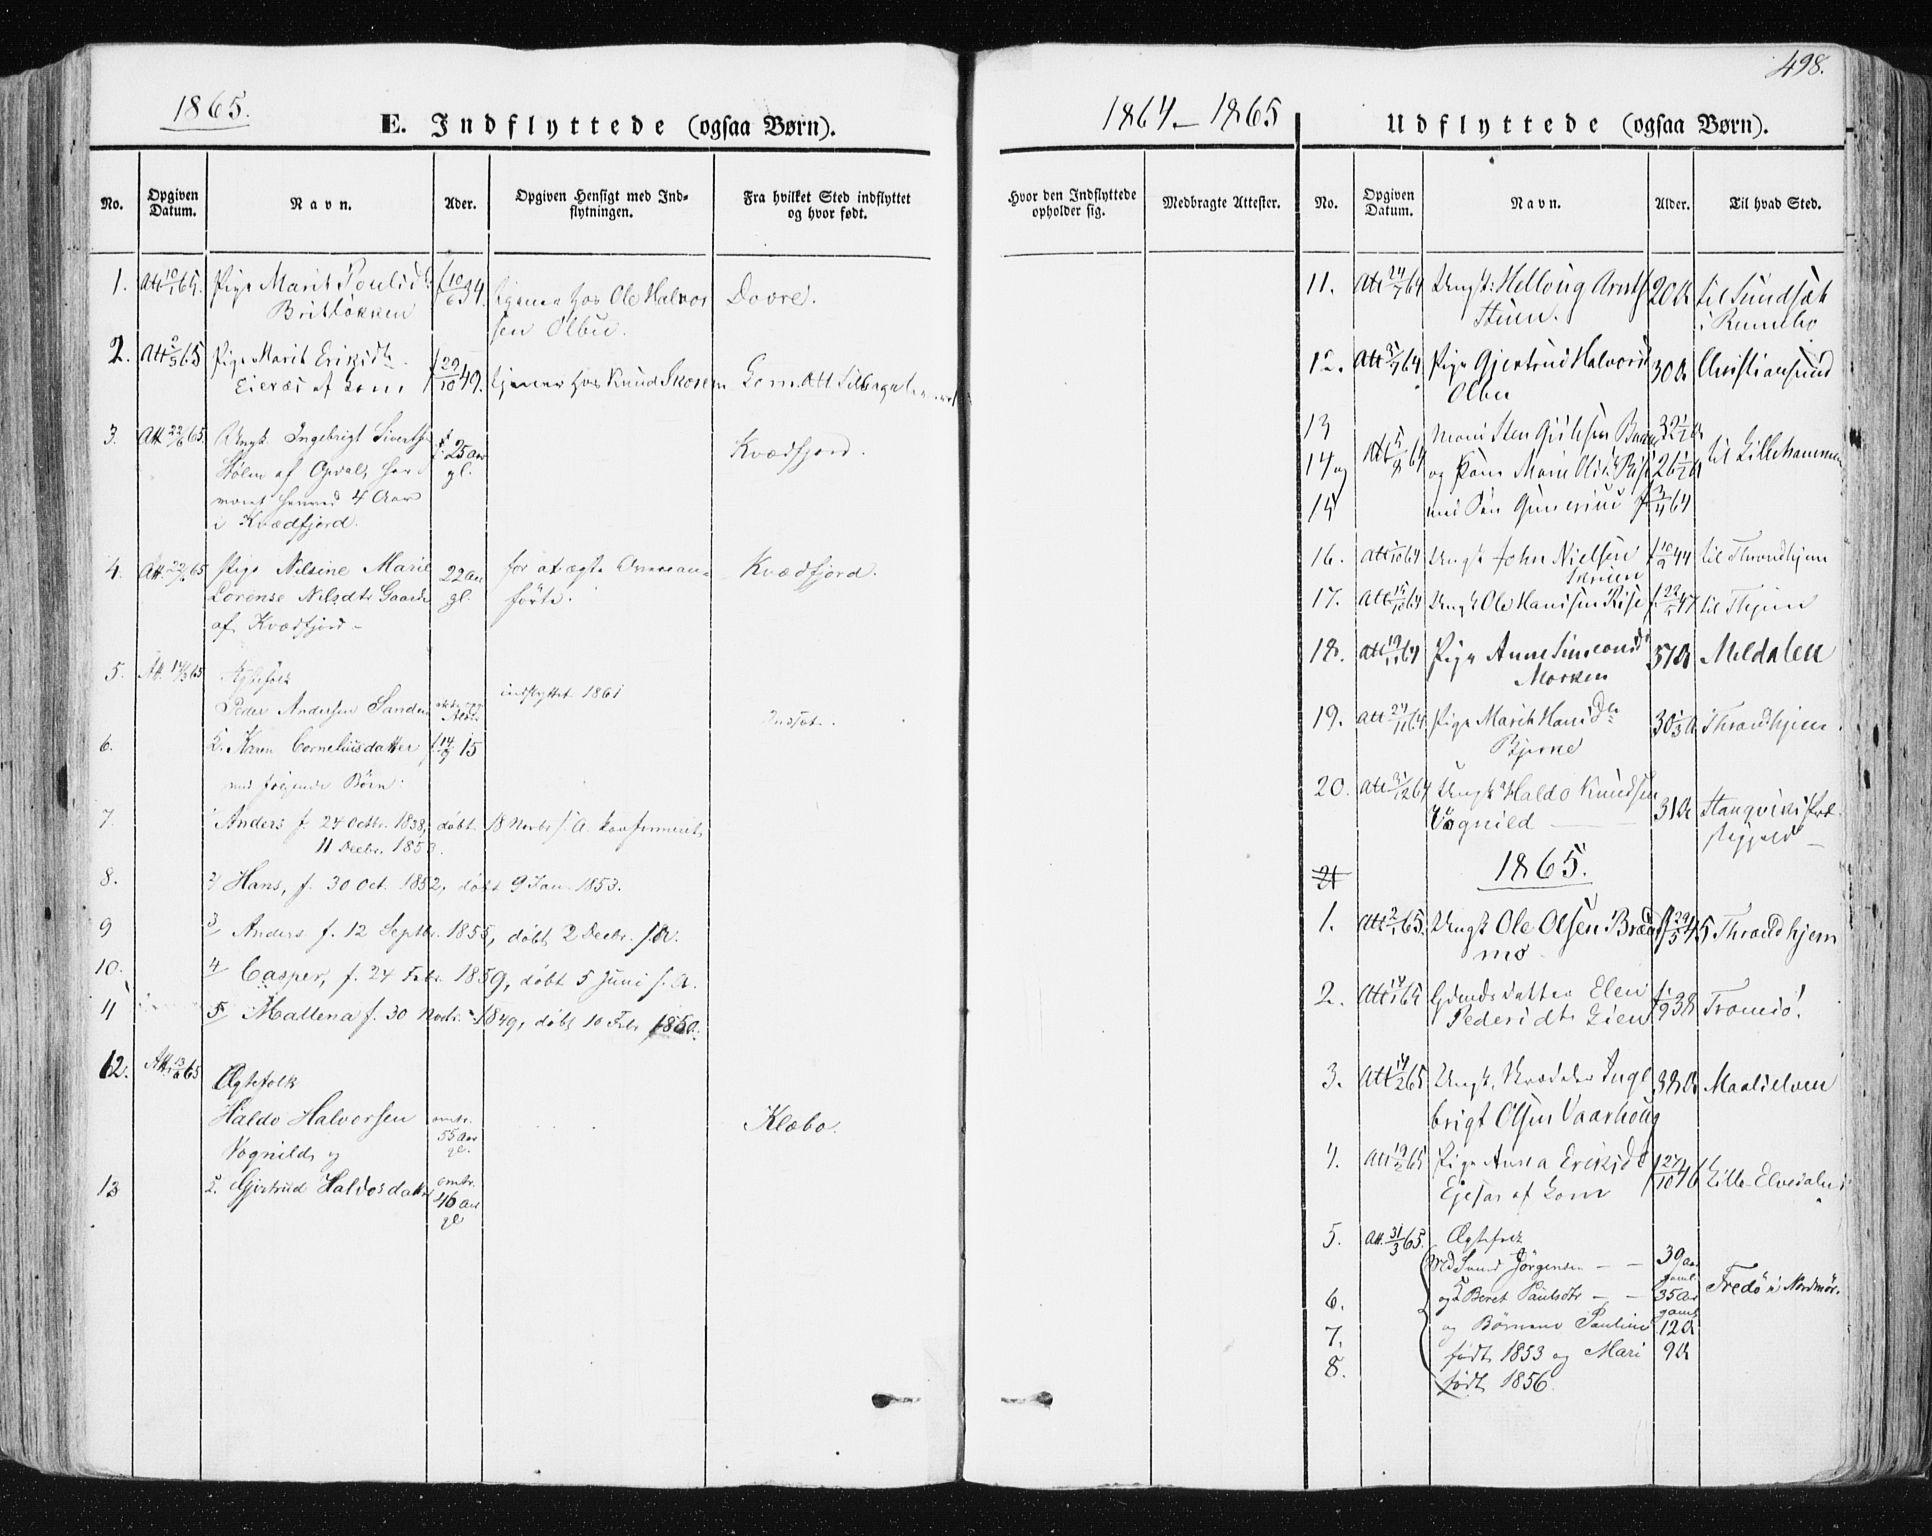 SAT, Ministerialprotokoller, klokkerbøker og fødselsregistre - Sør-Trøndelag, 678/L0899: Ministerialbok nr. 678A08, 1848-1872, s. 498